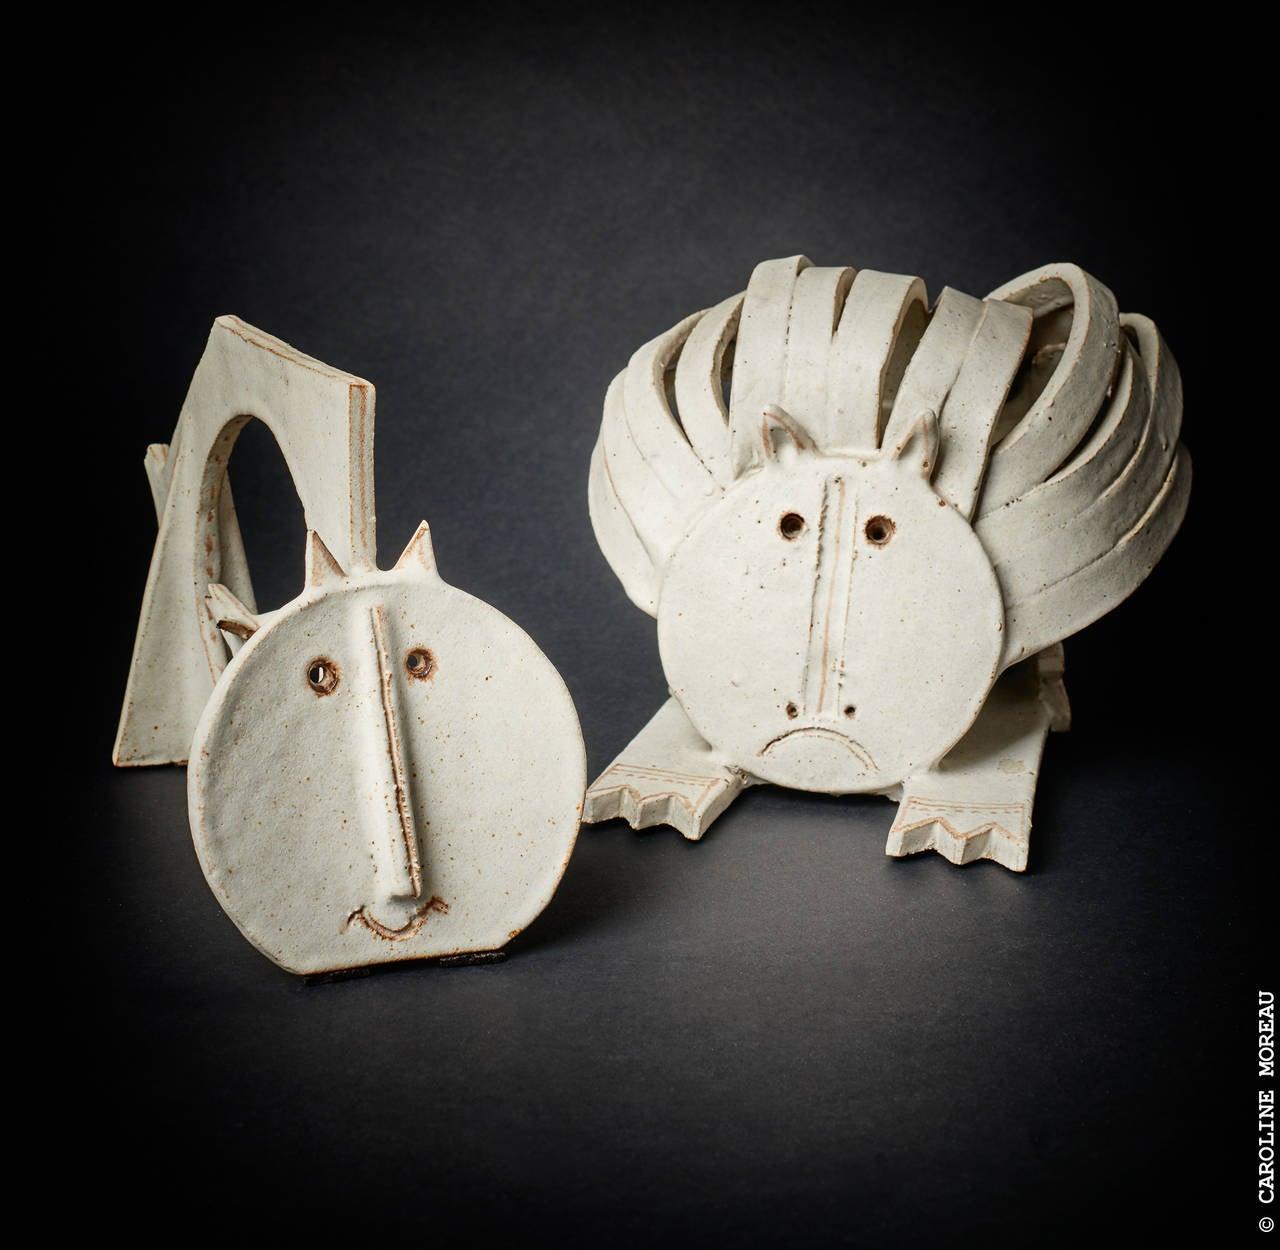 Cat Ceramic Sculpture by Bruno Gambone 1970's 4